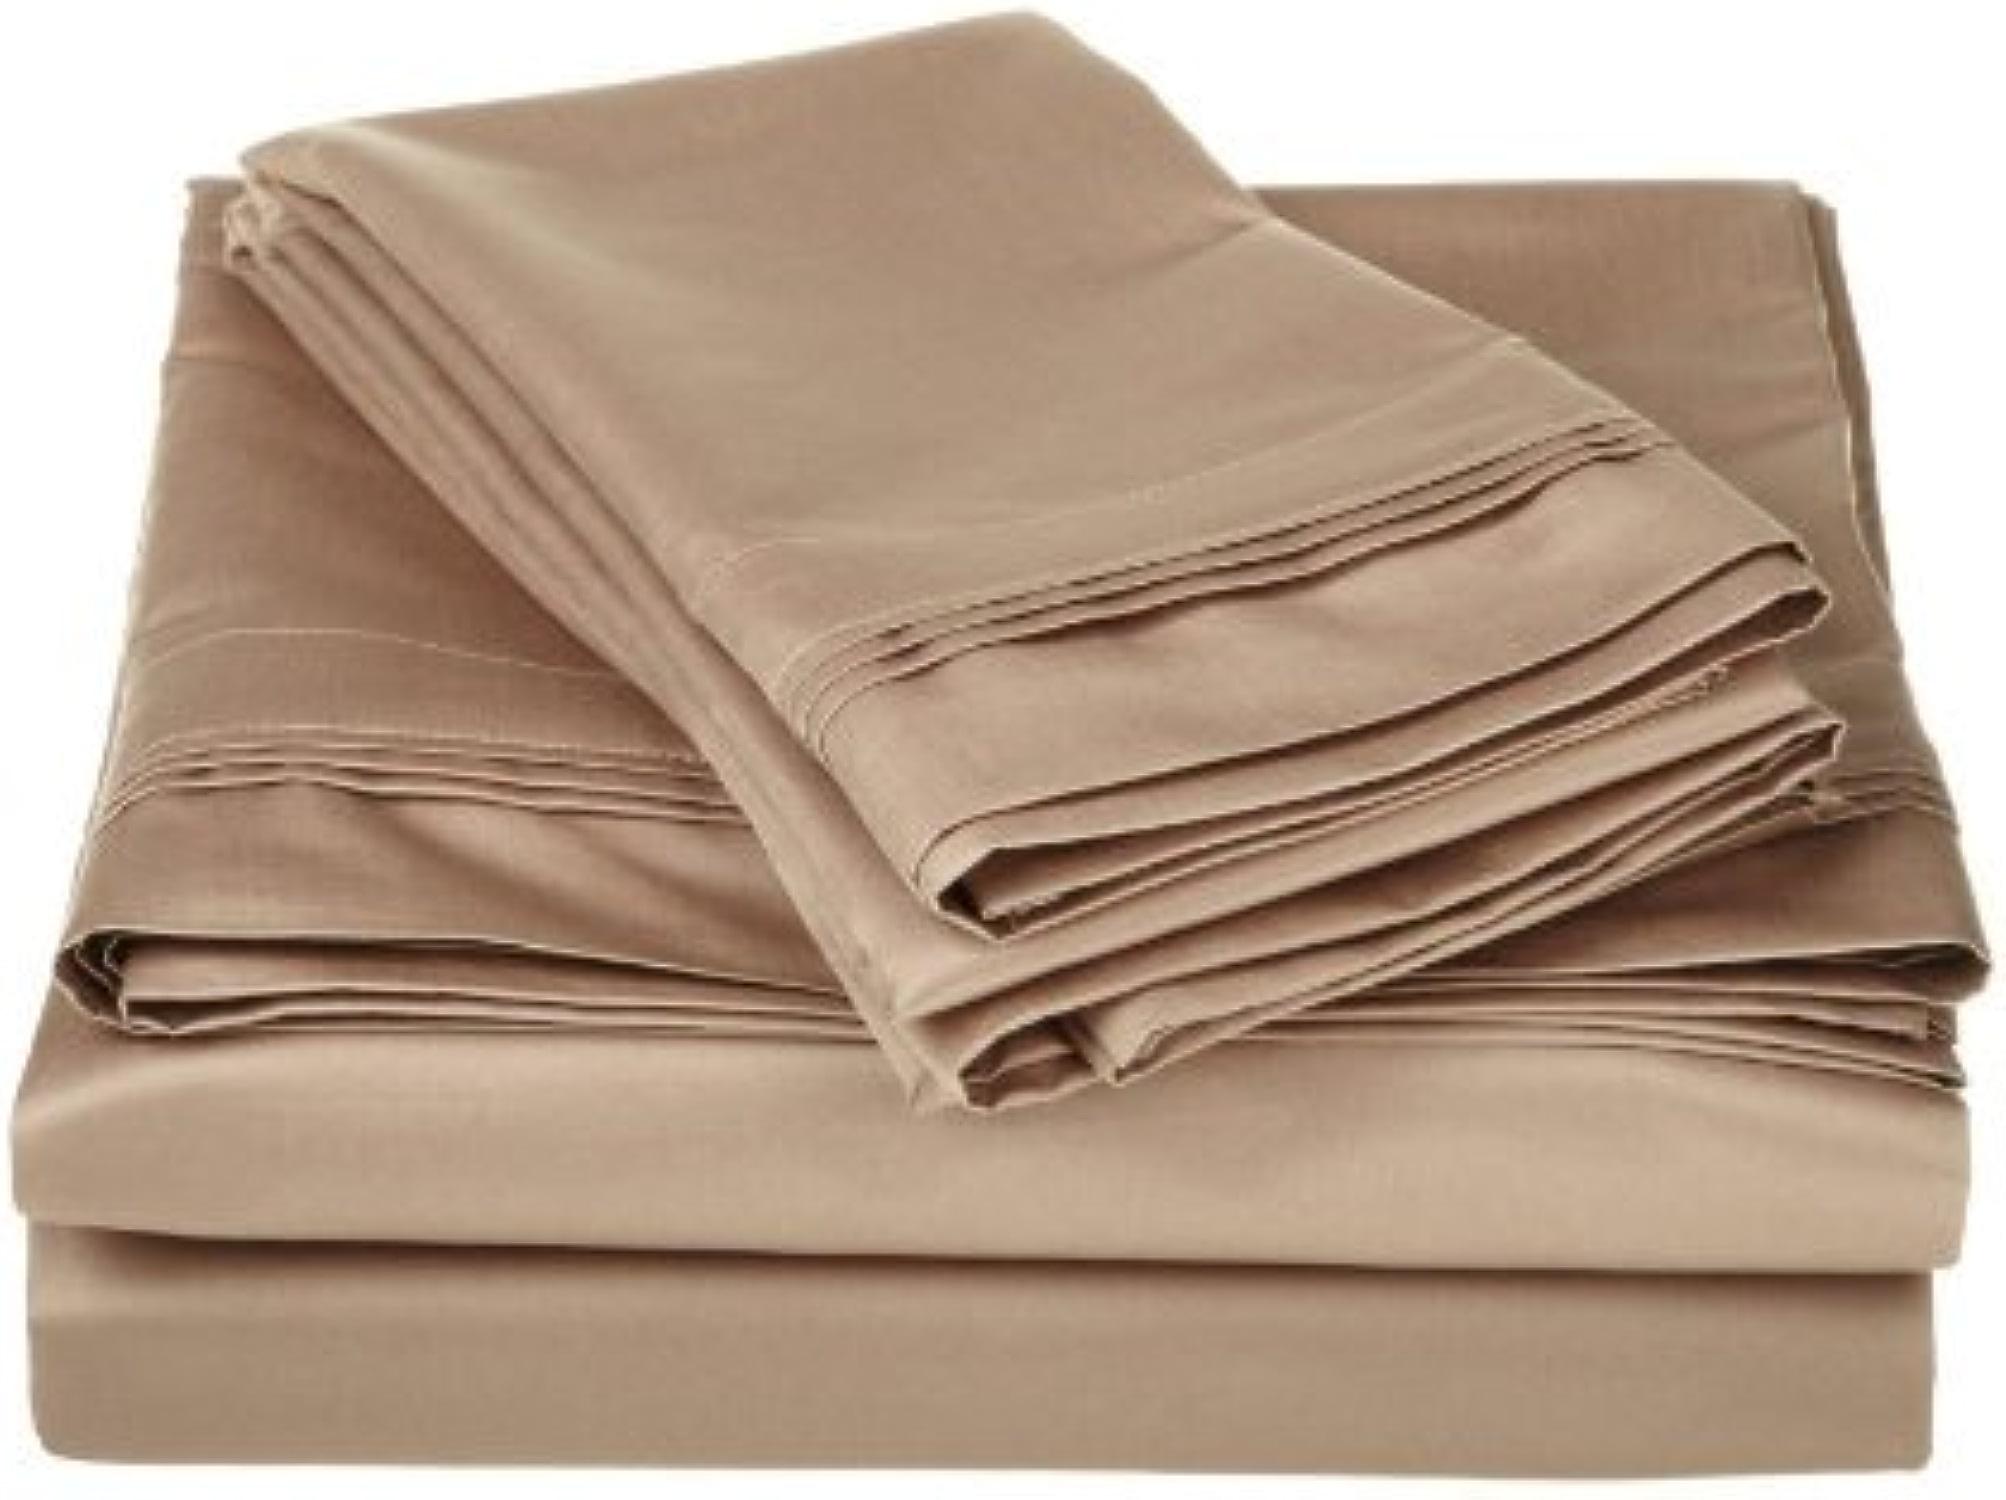 Laxlinens 300fils en coton égypcravaten 4pièces pour lit (+ 38,1cm) Extra profonde poche Euro Beige Super King Taille, massif